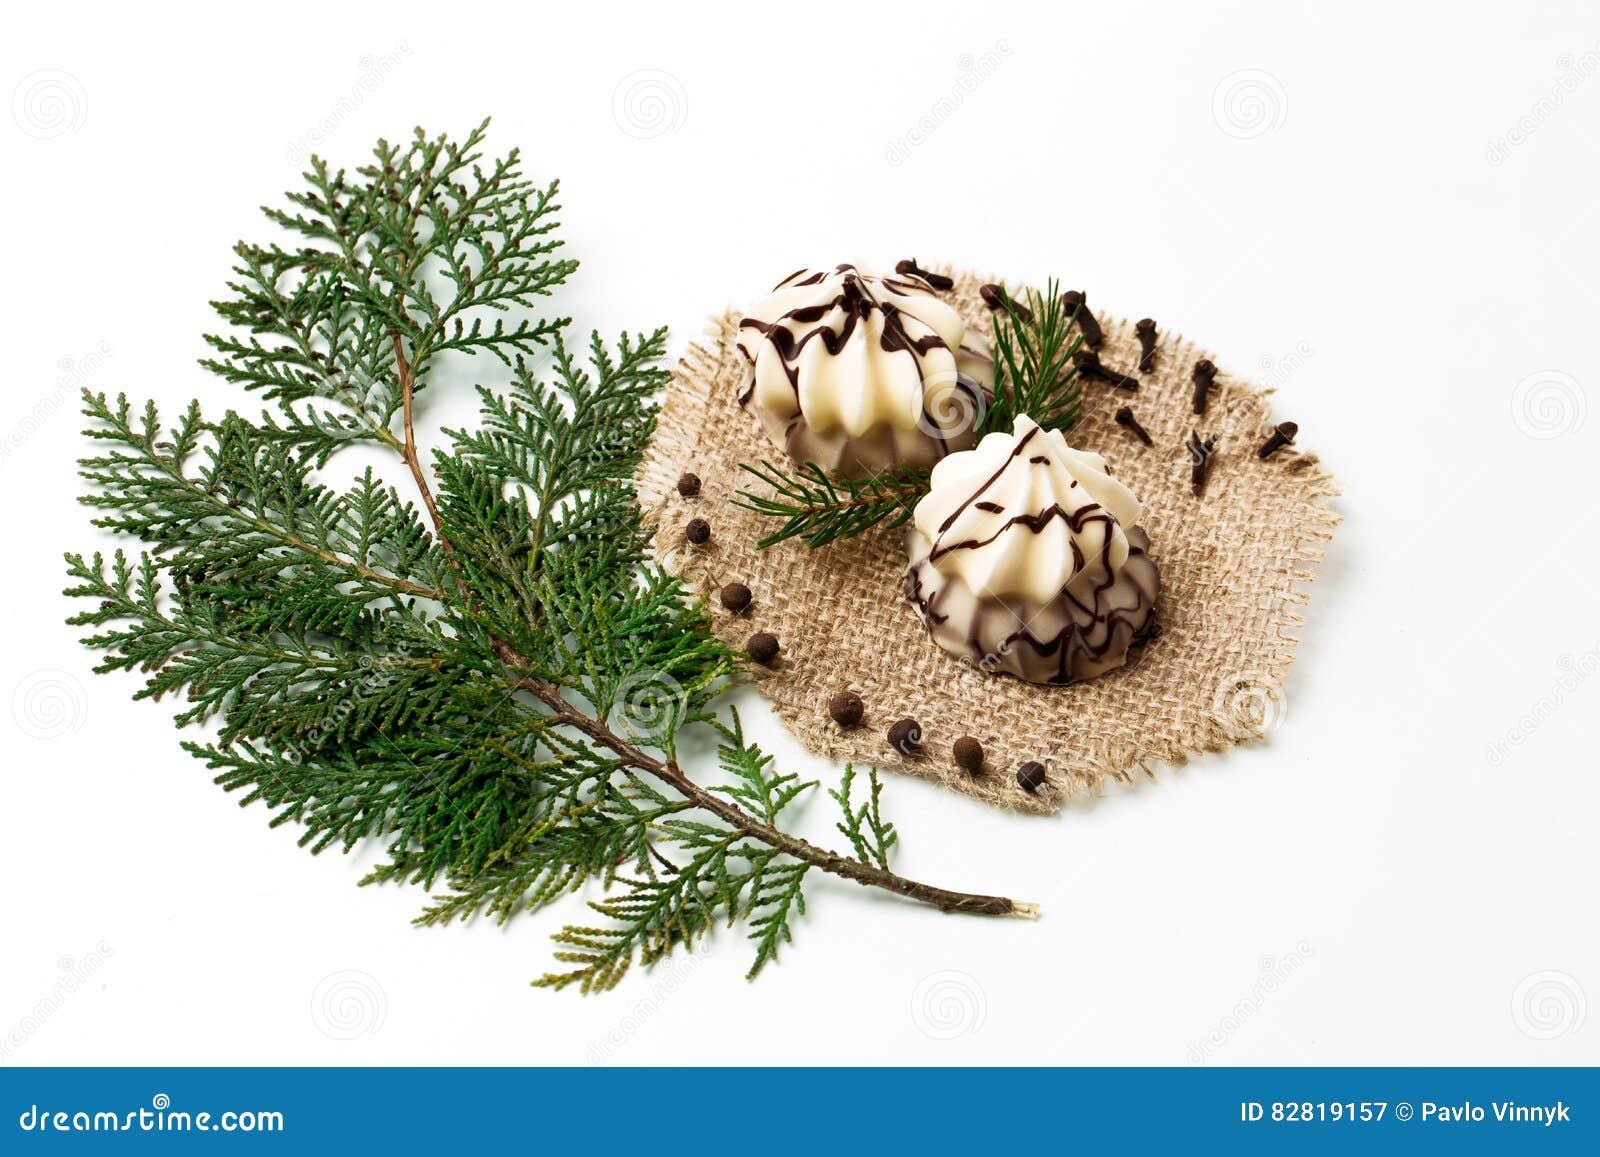 Weihnachtsbaum Ast.Weihnachtsbaumast Kuchen Dekoration Des Neuen Jahres Auf Weiß